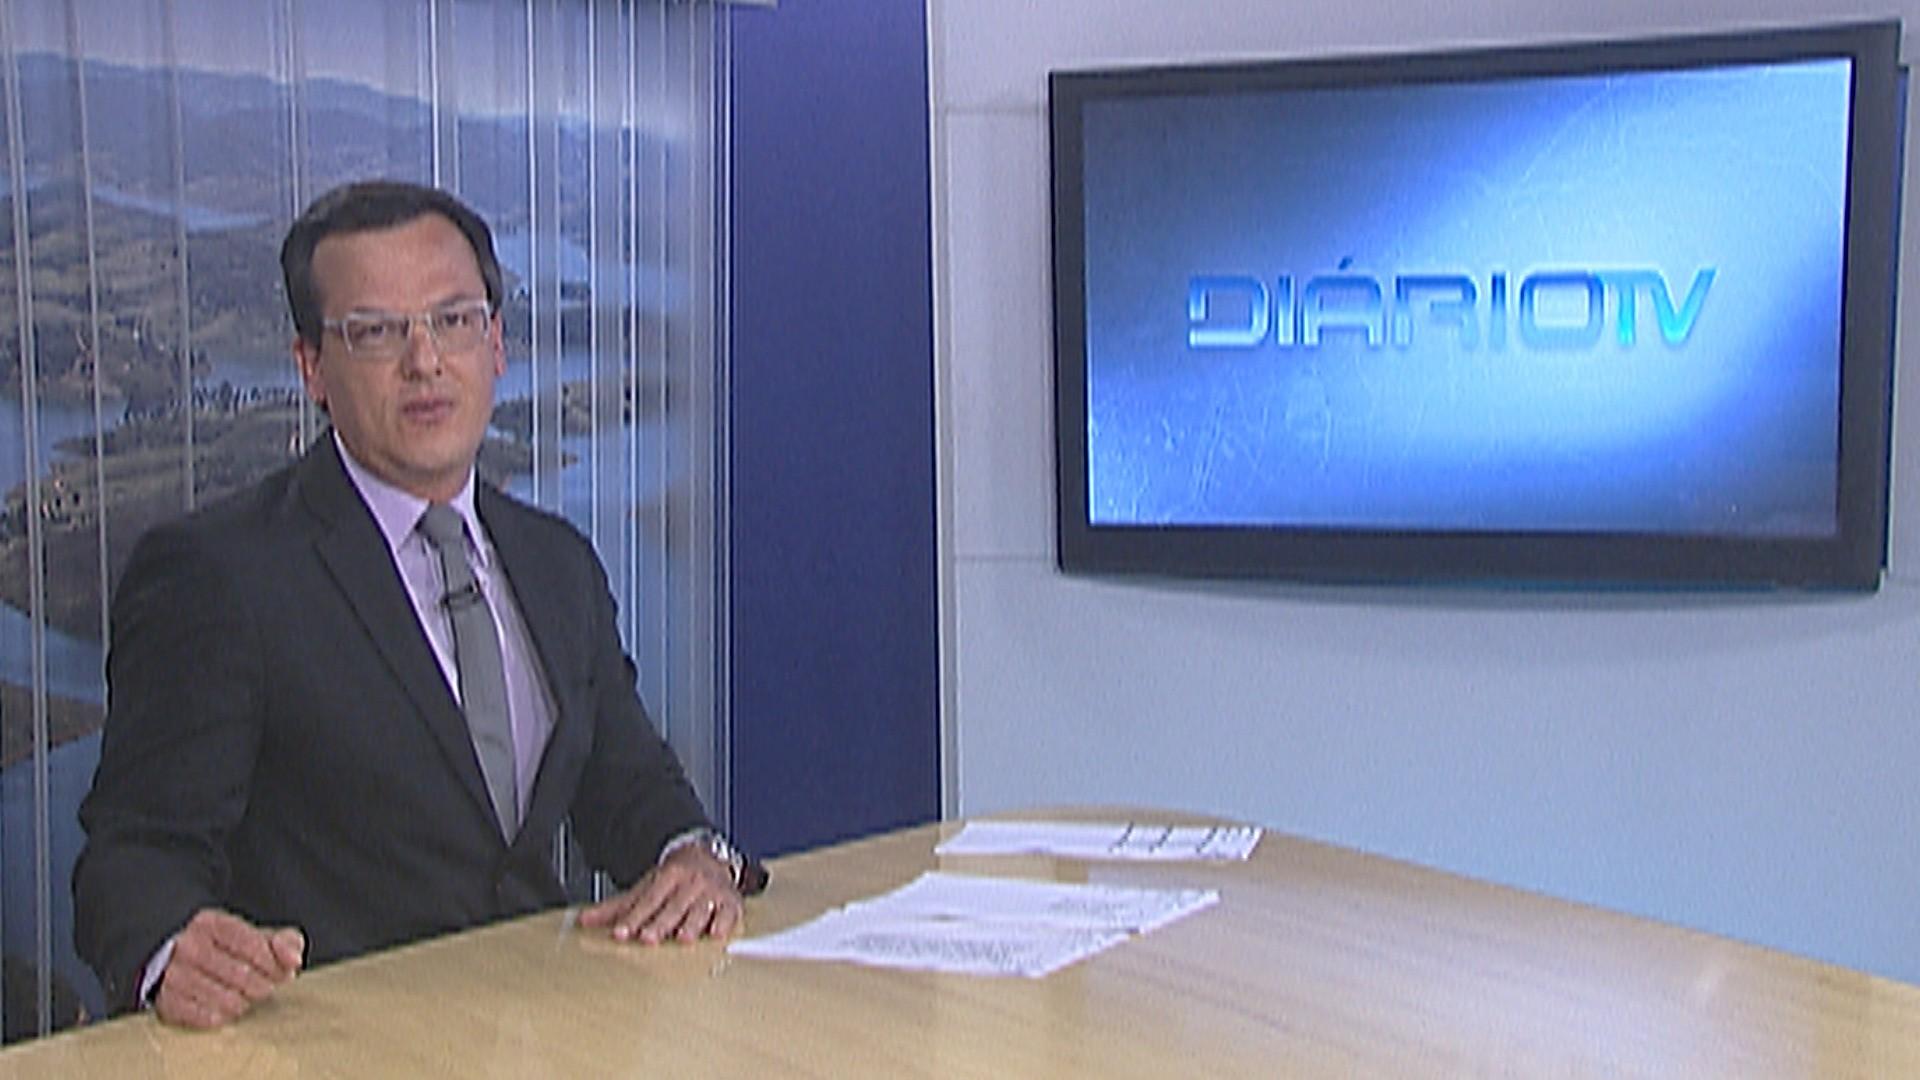 VÍDEOS: Diário TV 2ª Edição de terça-feira, 1º de dezembro